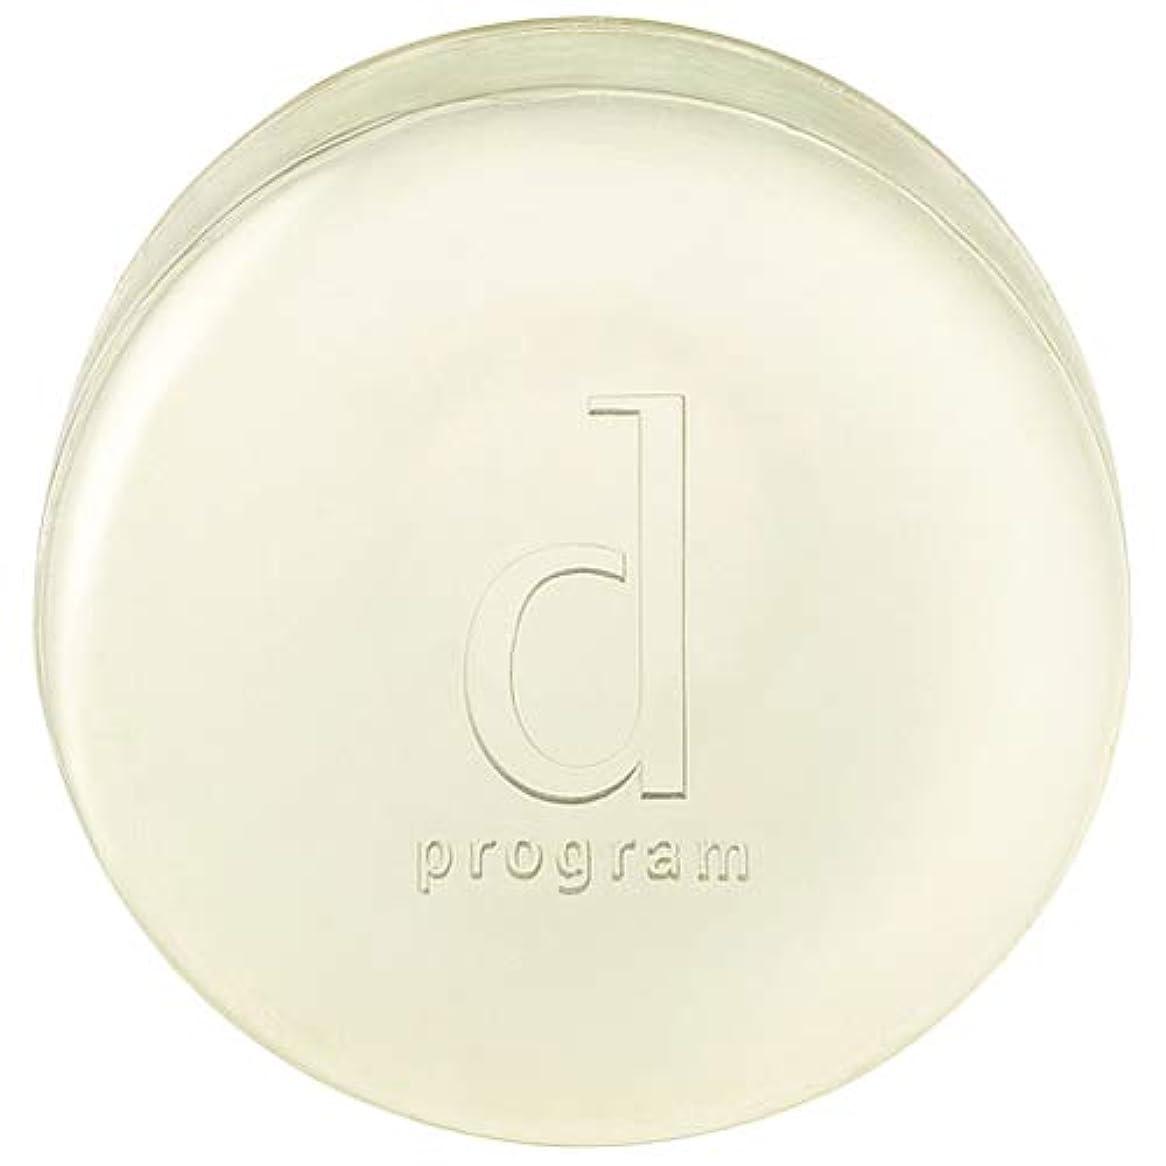 構造的血まみれの半球d program 資生堂 コンディショニングソープ 100g [366202] [並行輸入品]